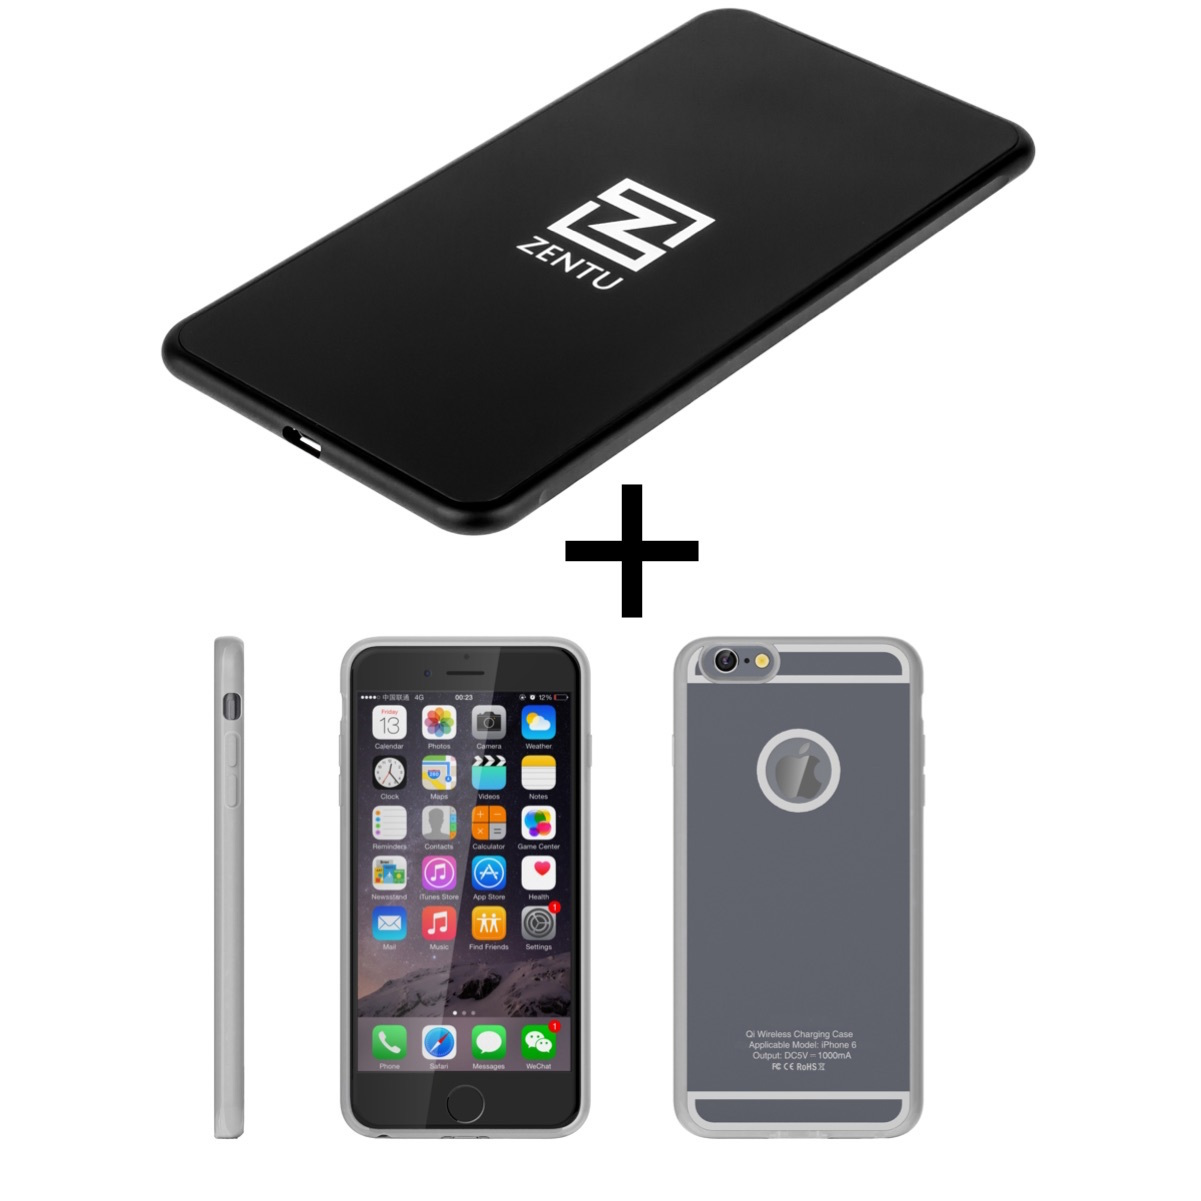 Архив Комплект для iphone 6/6s: беспроводная зарядка Zentu S7 black + ресивер на выбор case_zentu.jpg